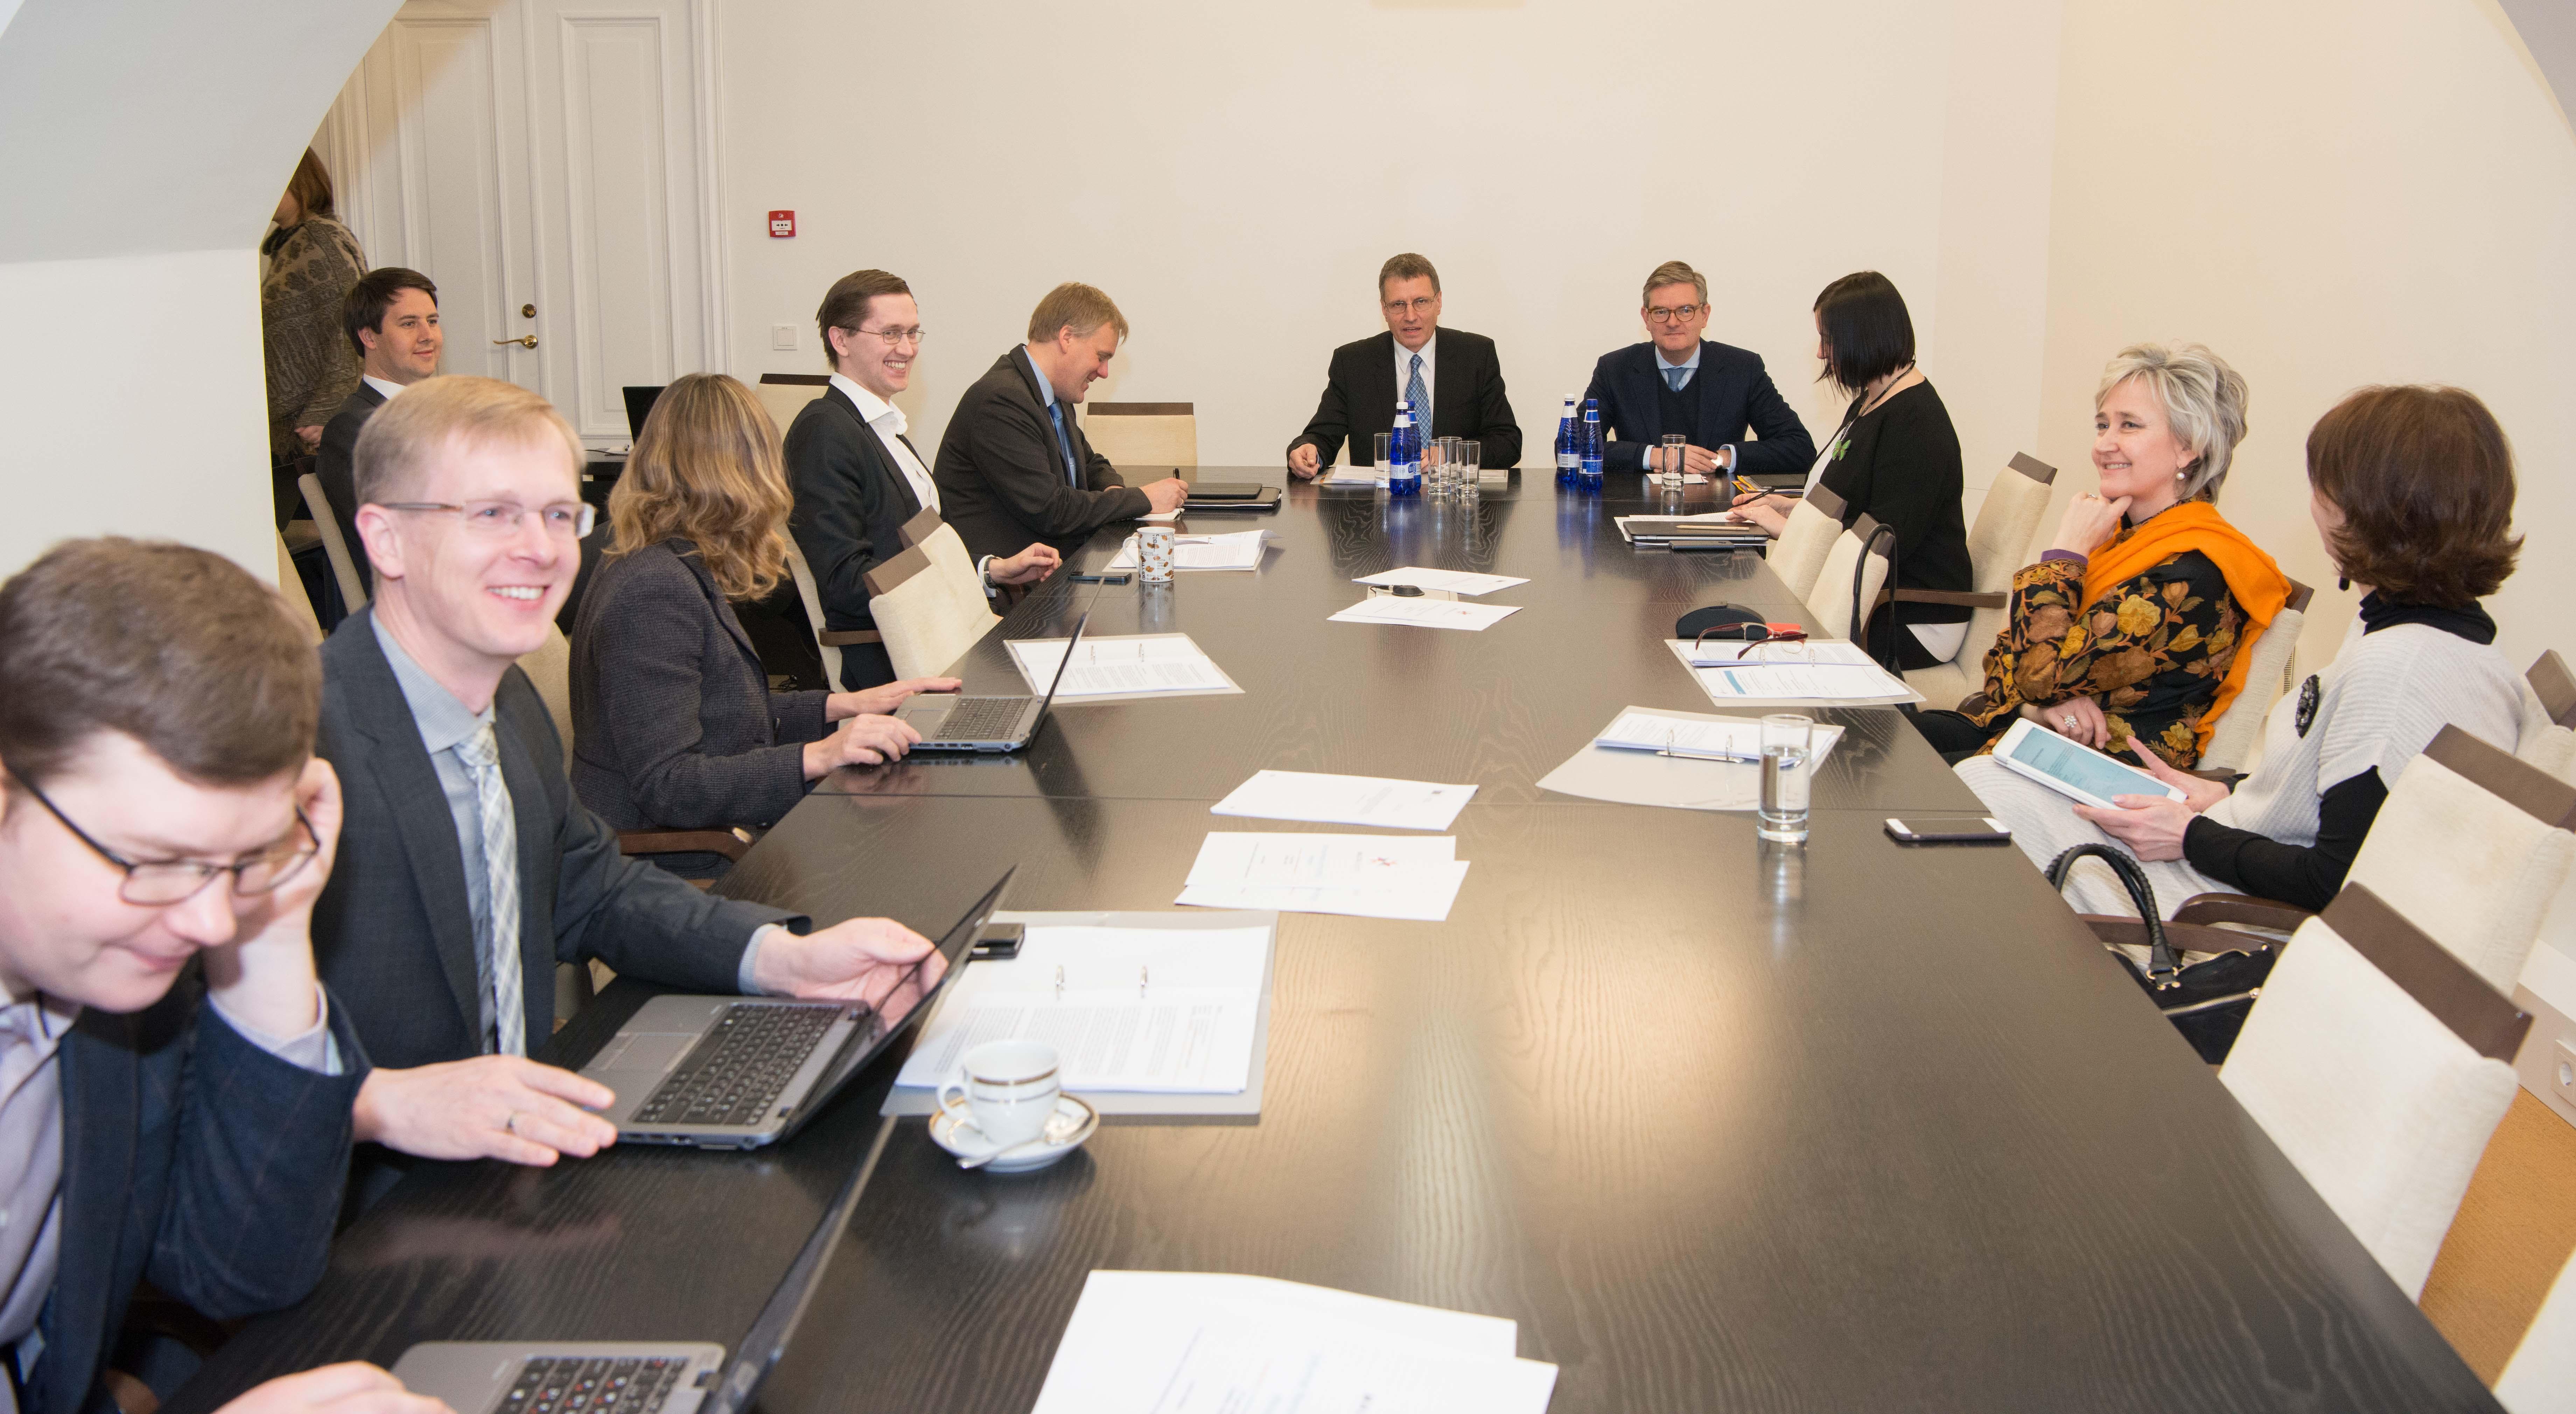 Euroopa Liidu asjade komisjoni kohtumisel Euroopa Komisjoni julgeolekuvoliniku Julian Kingiga 31. märtsil 2017 olid arutusel Eesti Euroopa Liidu Nõukogu eesistumine ja muud küsimused. Foto: Riigikogu Kantselei